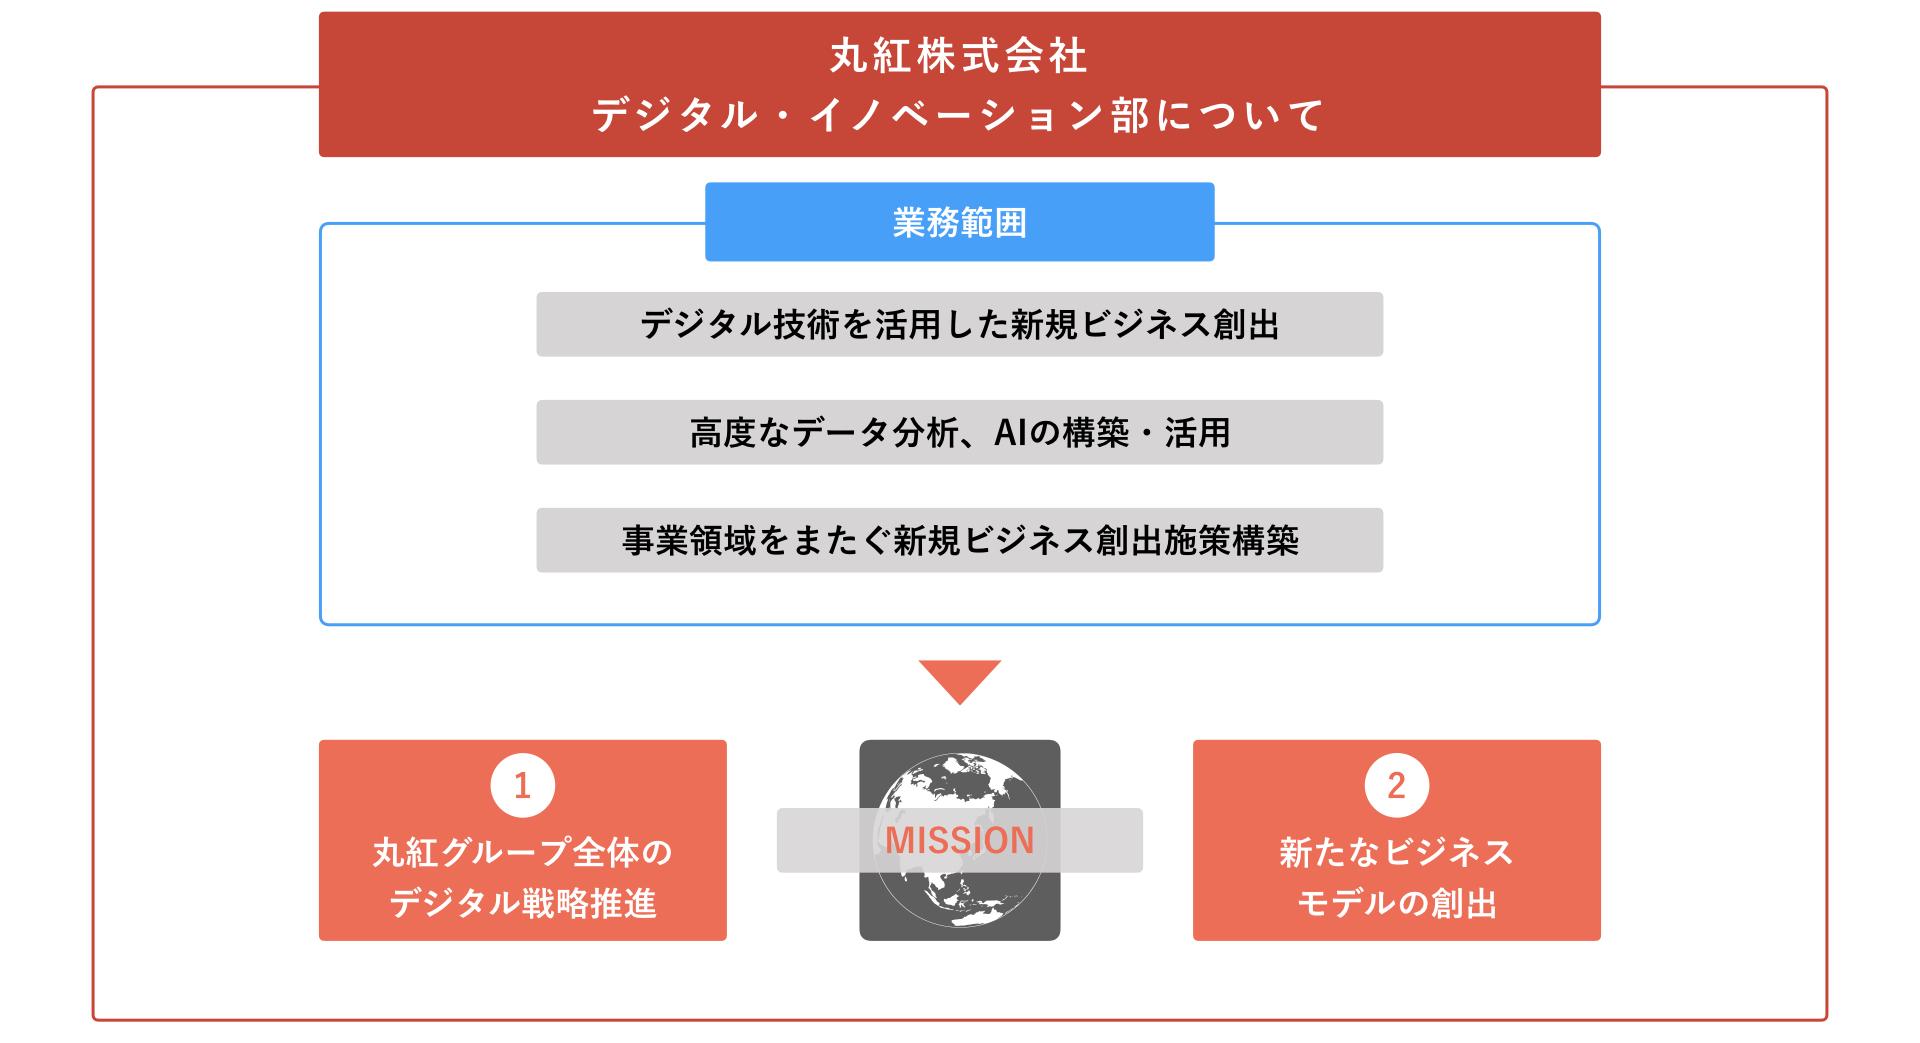 丸紅株式会社デジタル・イノベーション部について